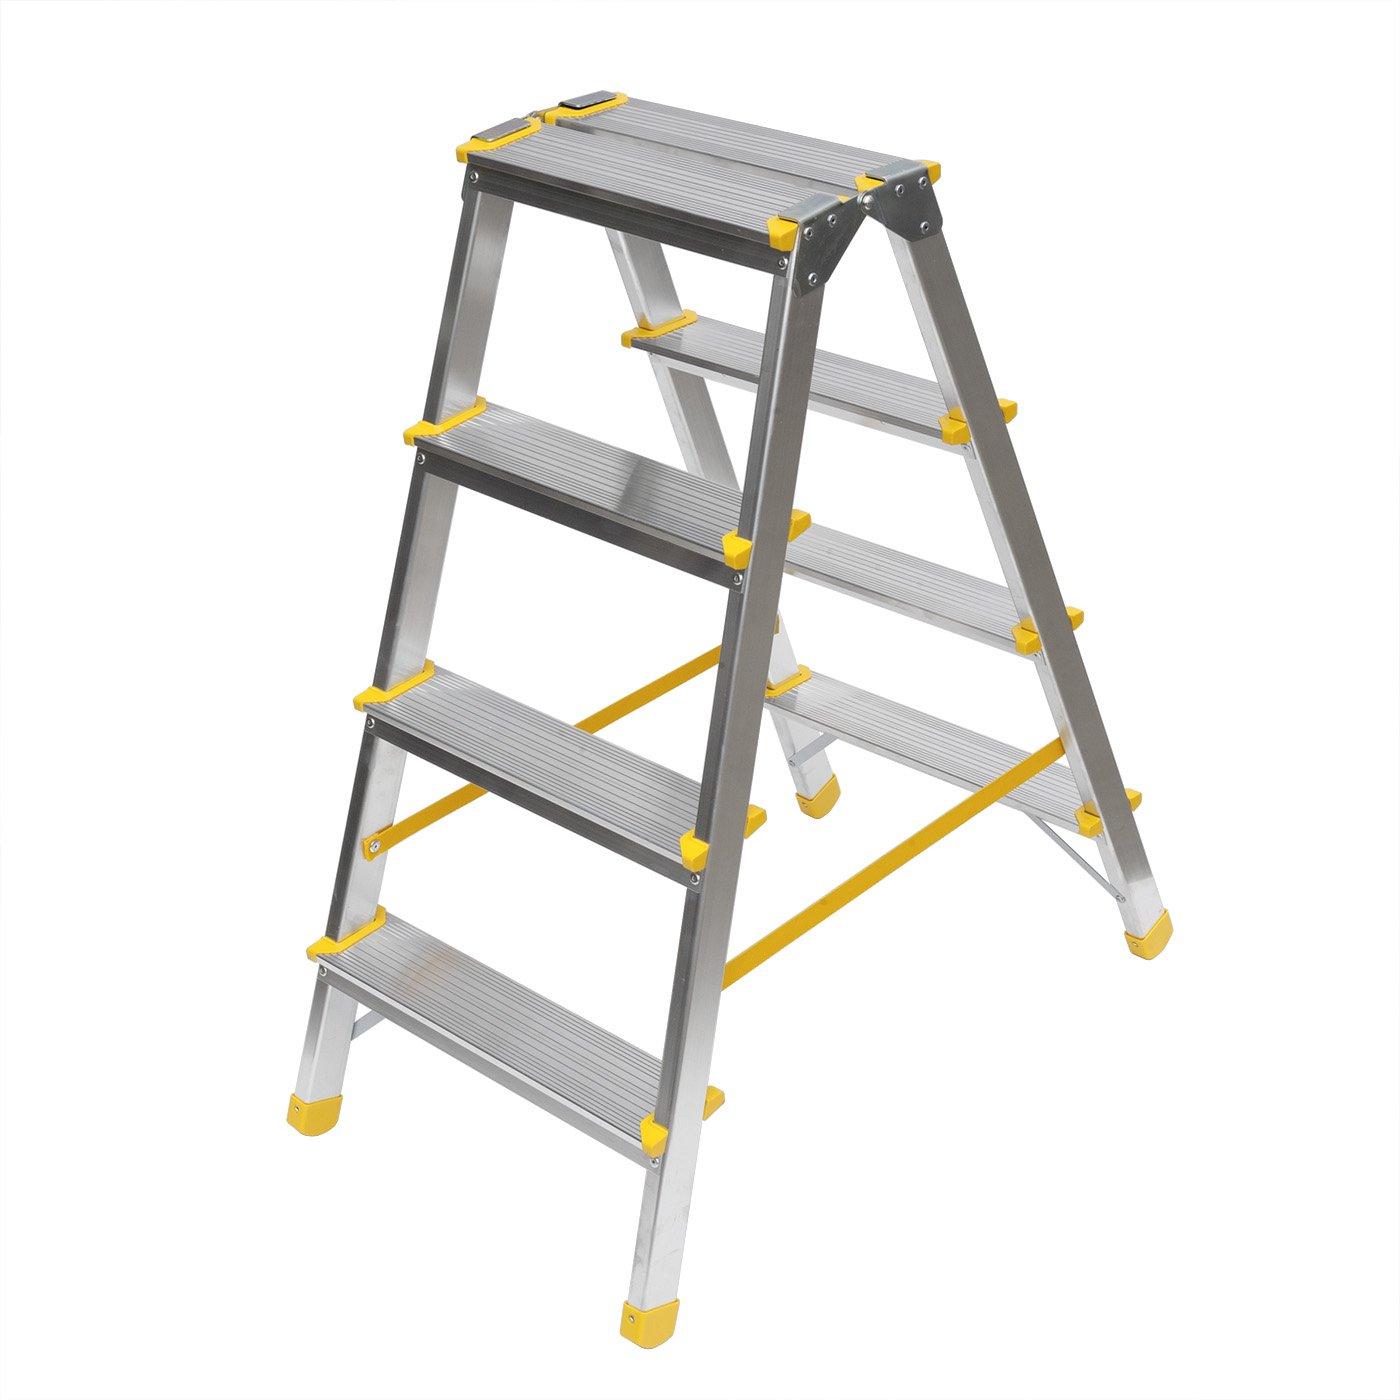 aluminium trittleiter beidseitig begehbar 2x4 stufen super haushaltsleiter meiner meinung. Black Bedroom Furniture Sets. Home Design Ideas